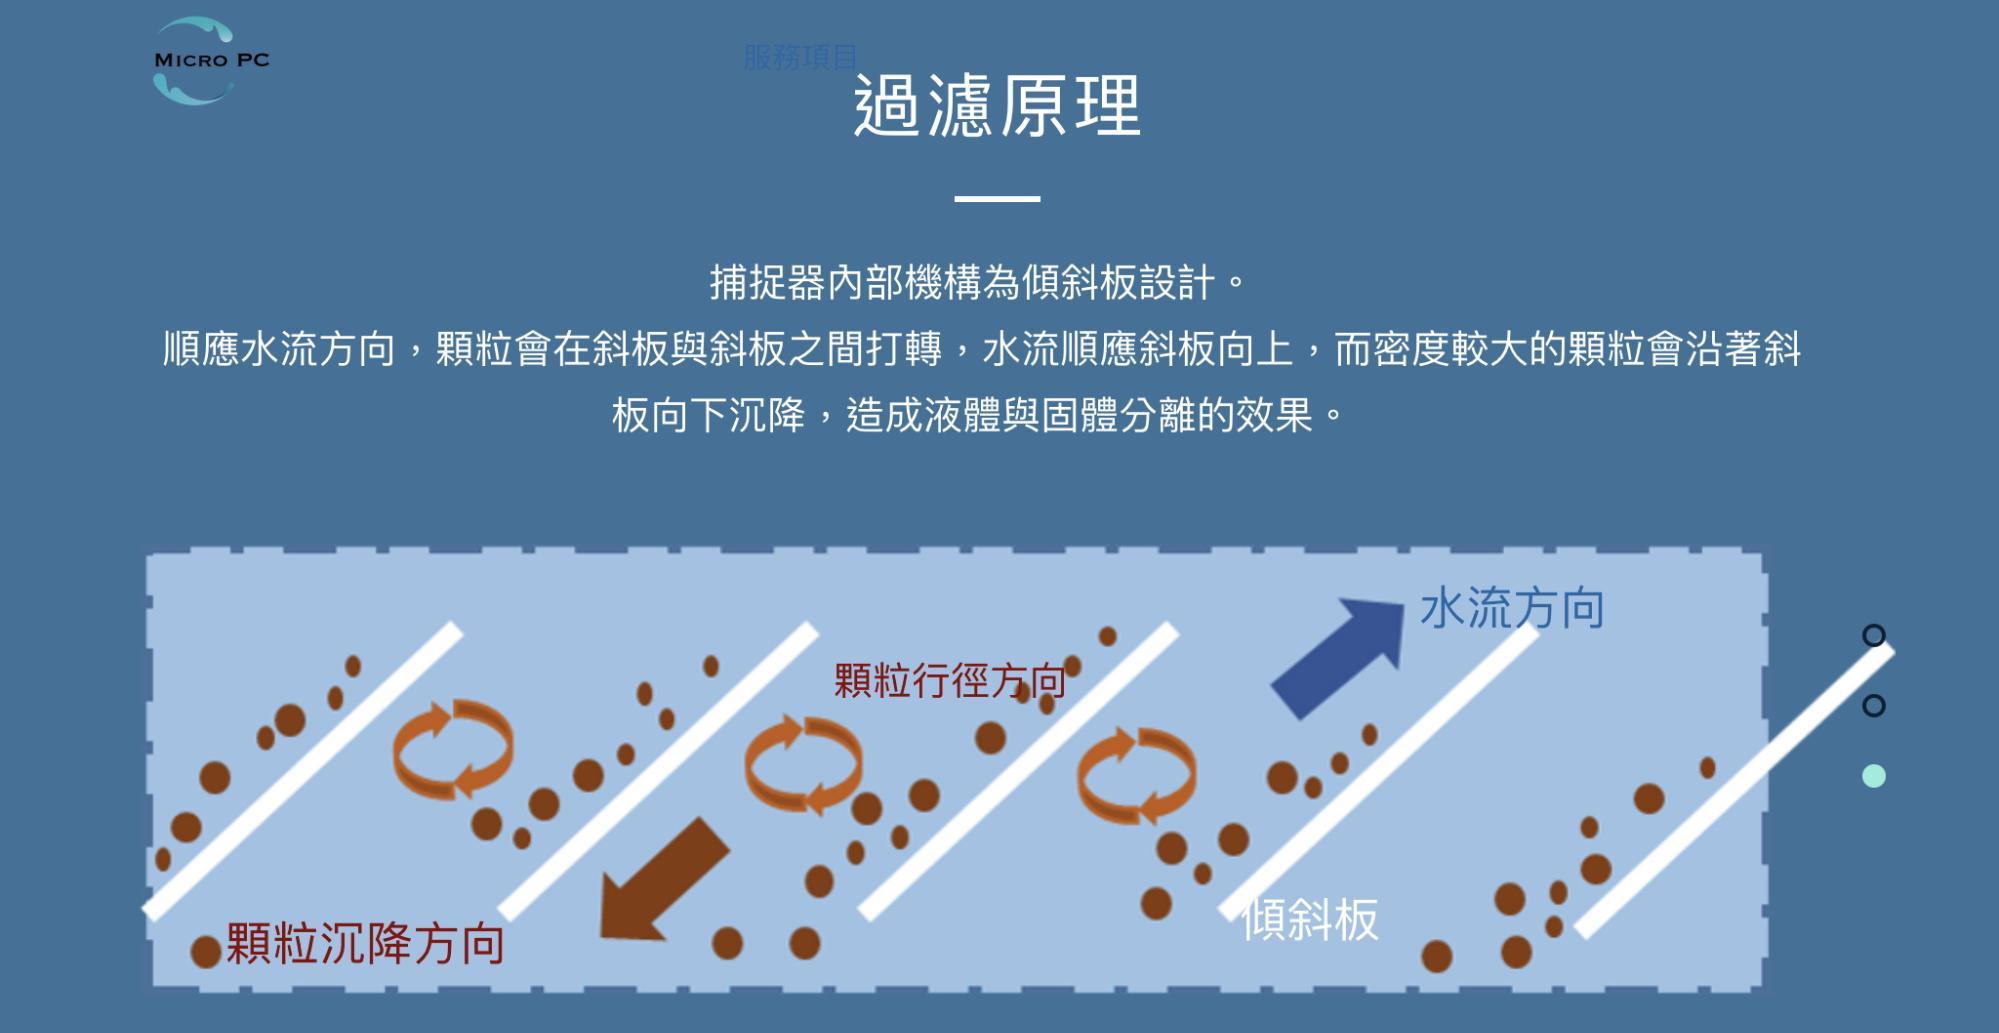 台灣在地之點點塑團隊(Micro-PC)之塑膠微粒-海洋處理技術原理示意圖